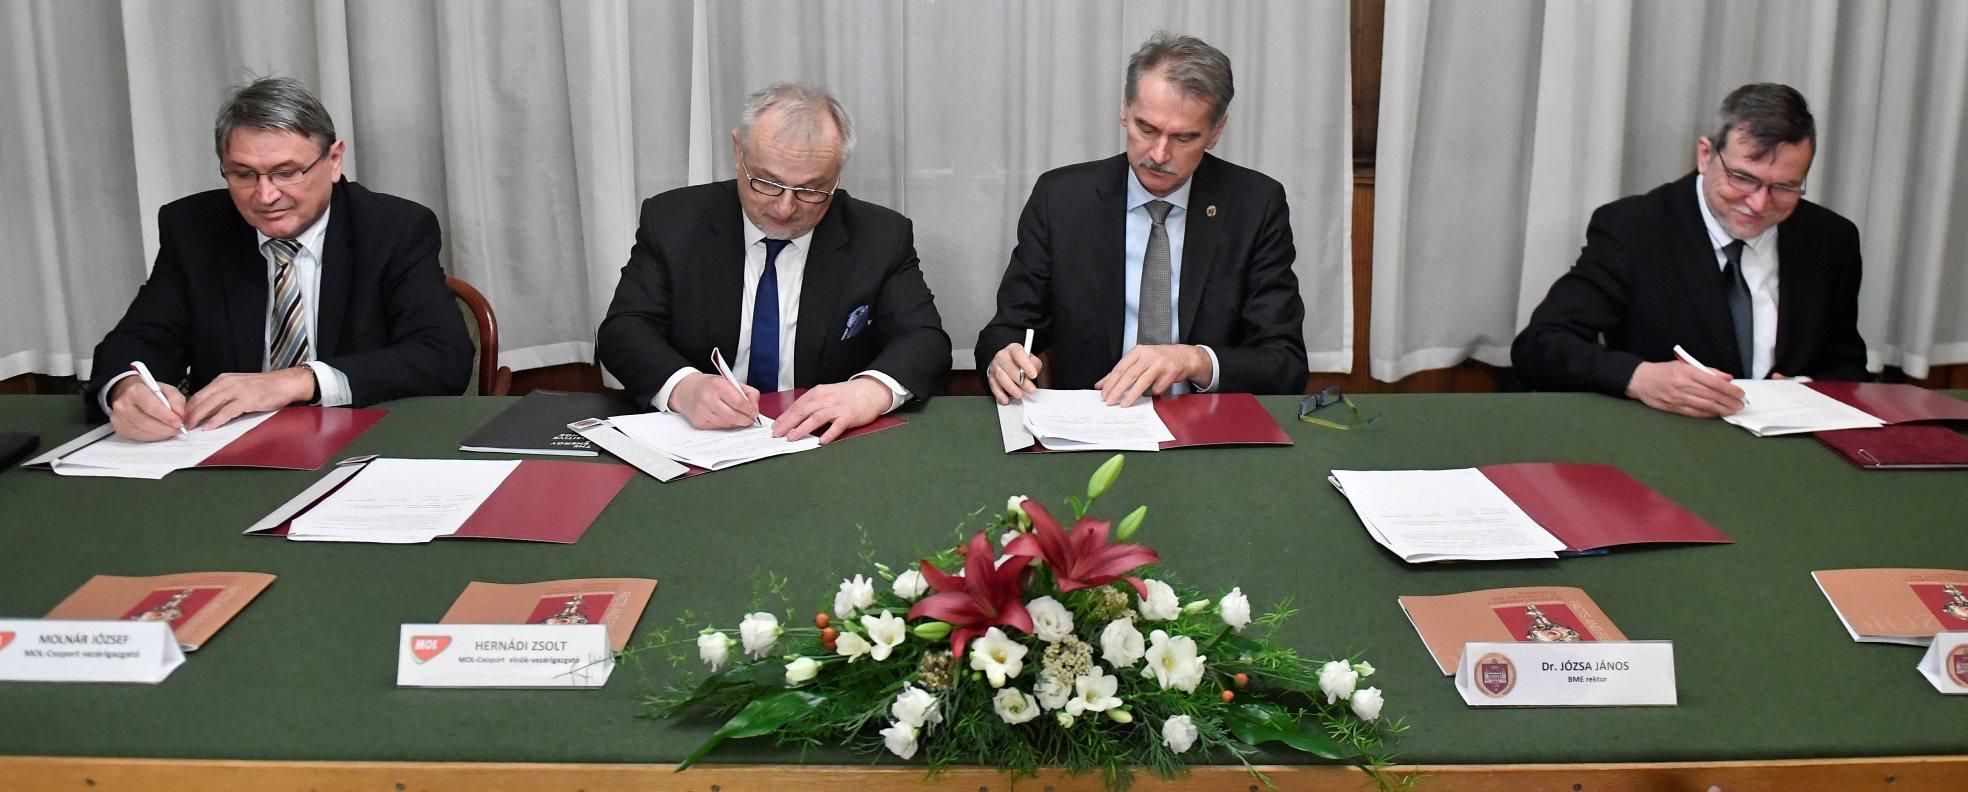 Stratégiai megállapodást kötött a BME és a Mol